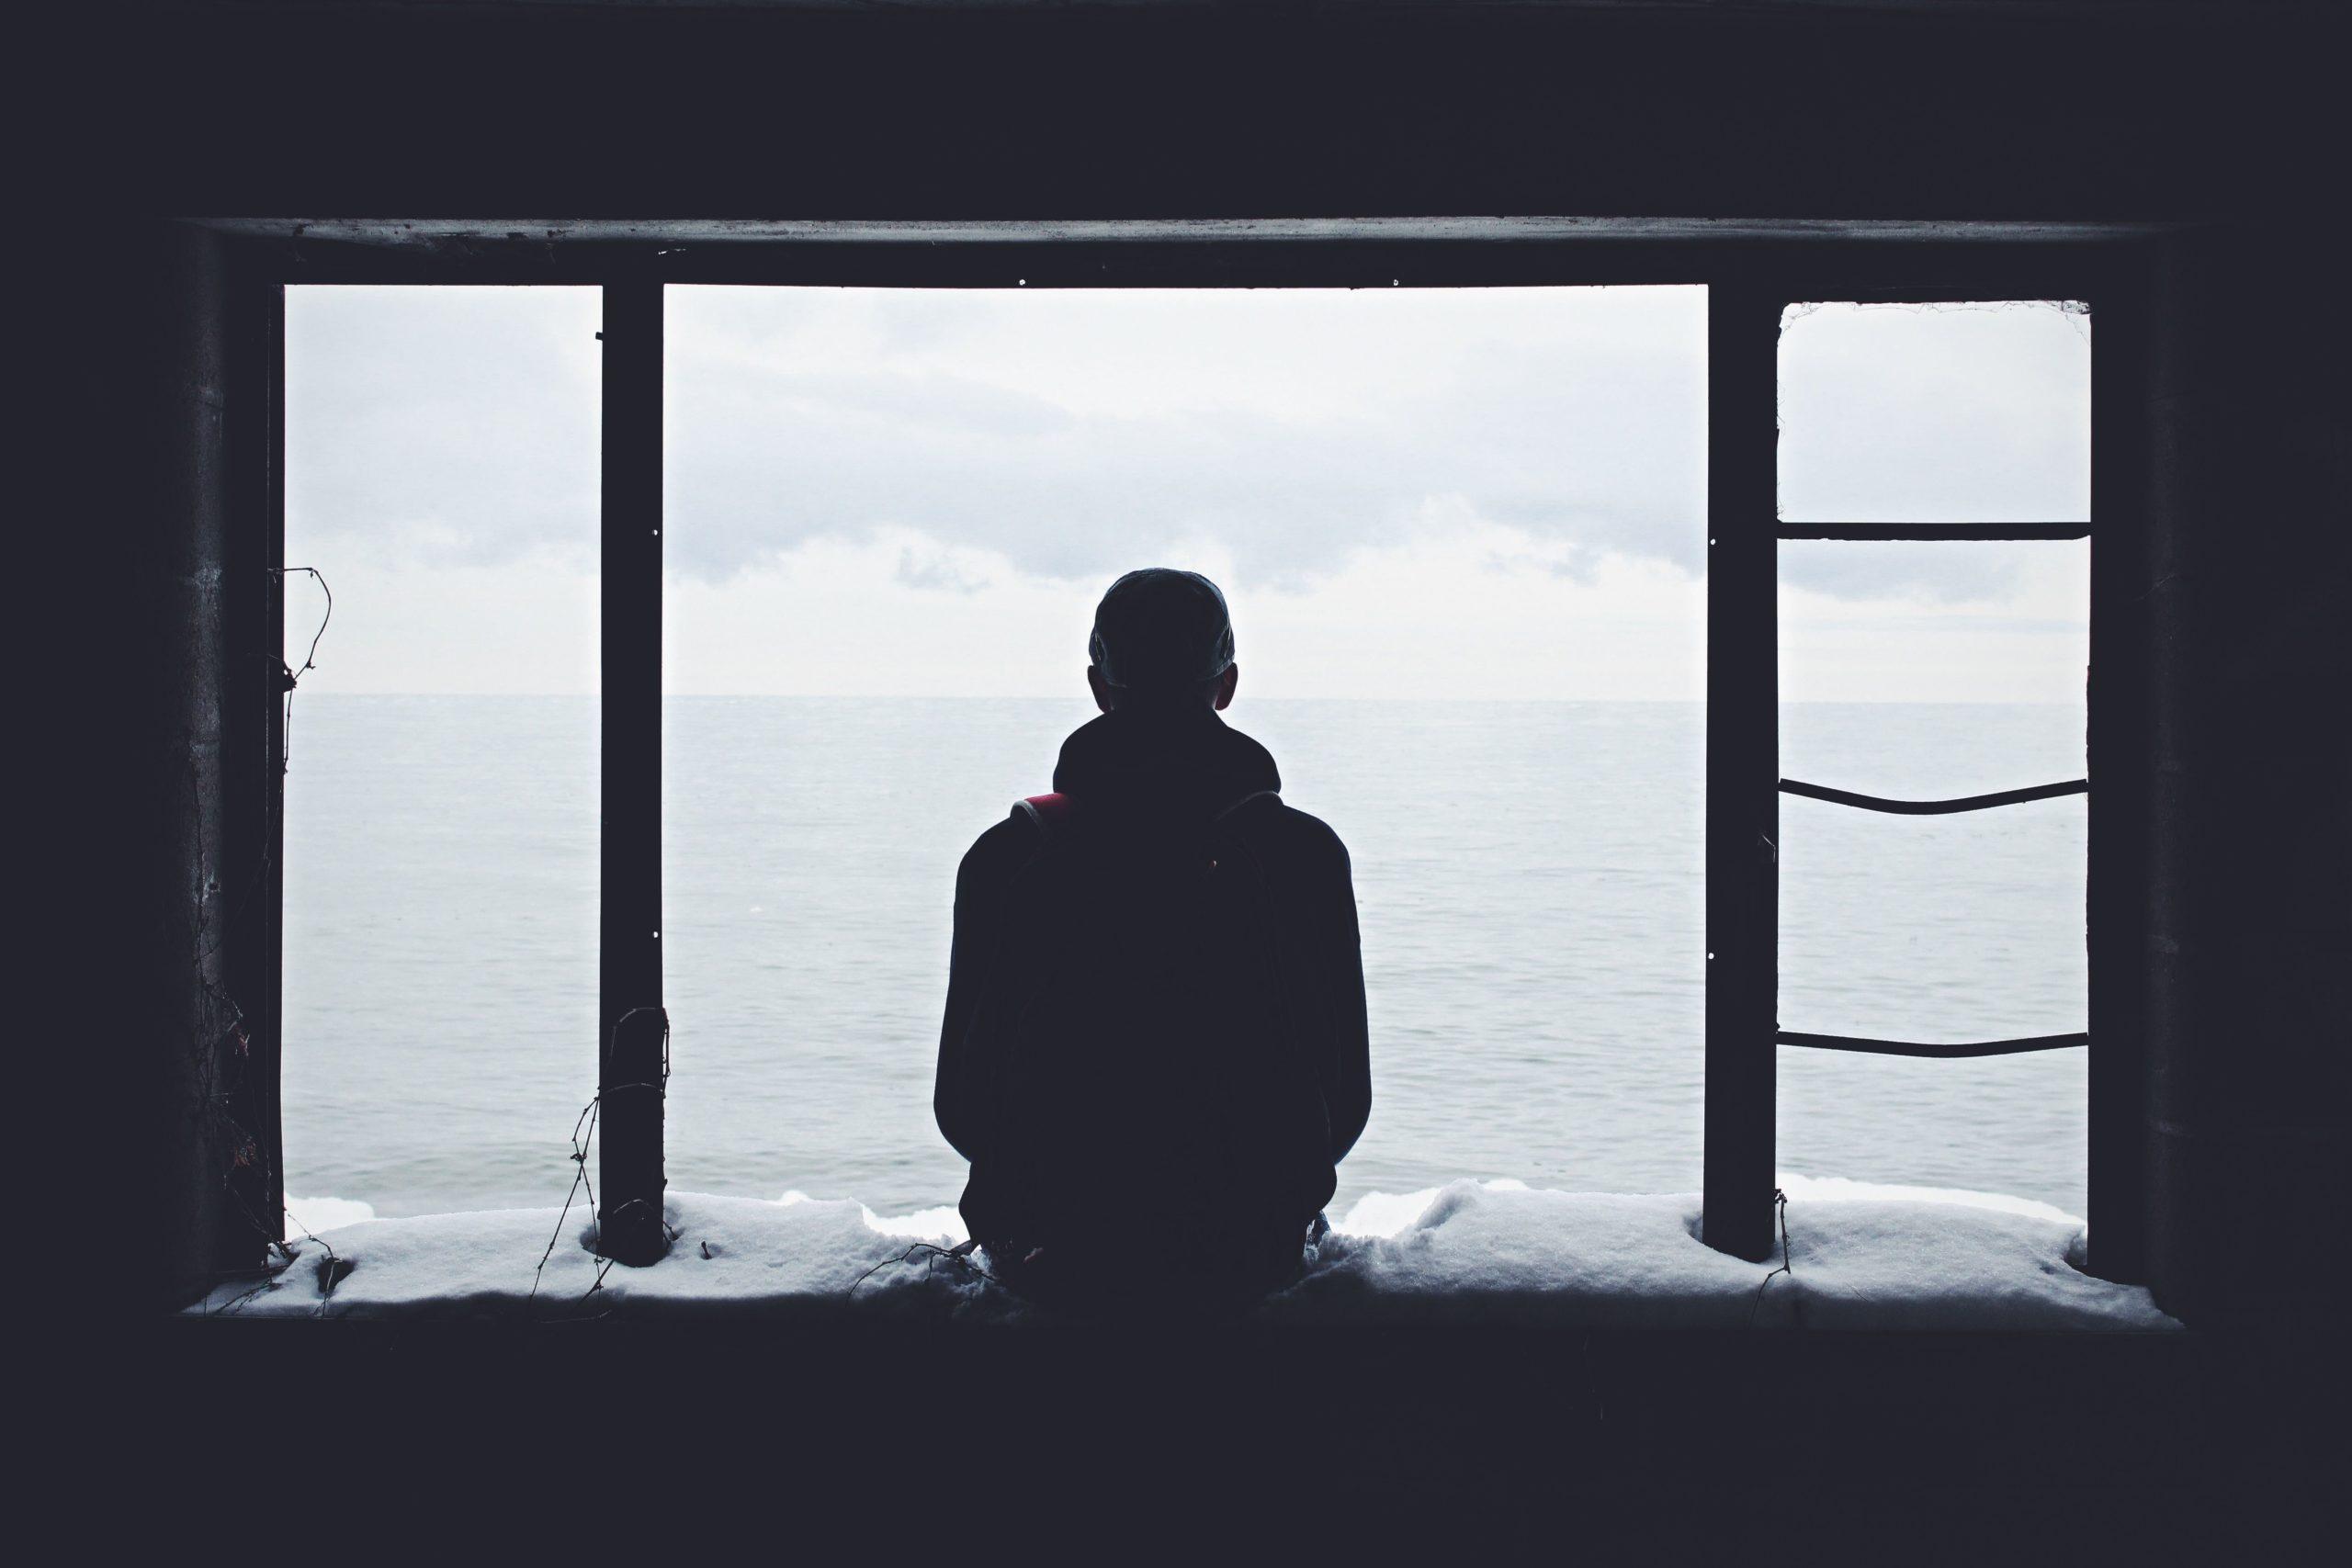 feeling alone wallpapers